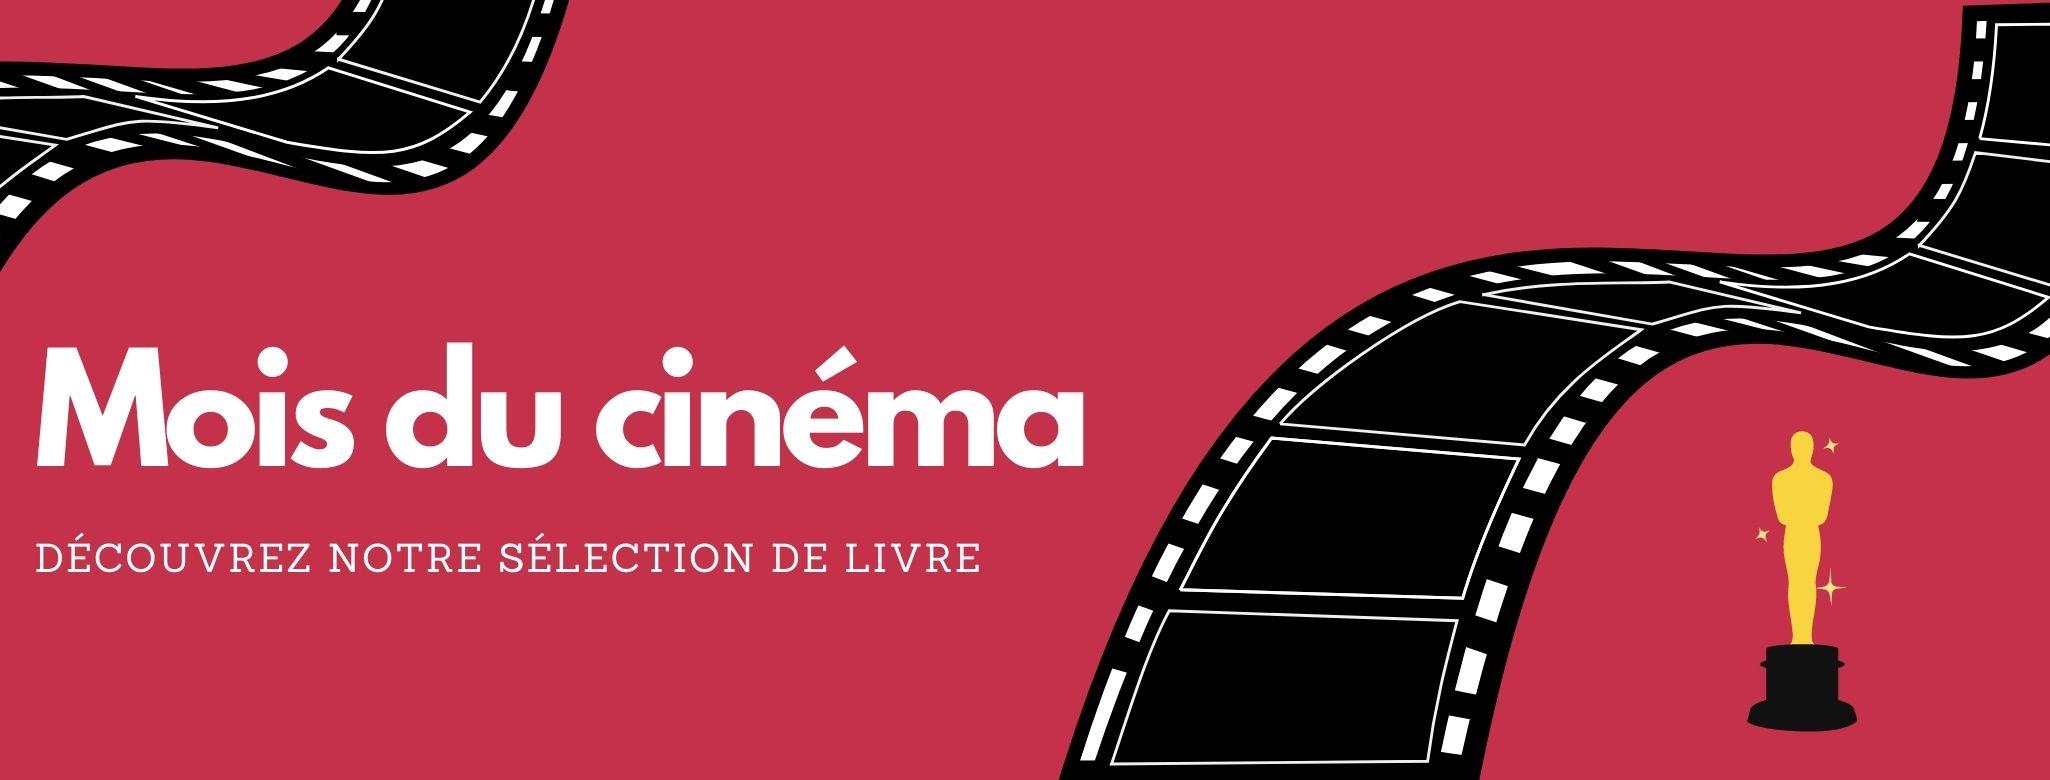 Notre sélection de livres sur le thème du Cinéma !